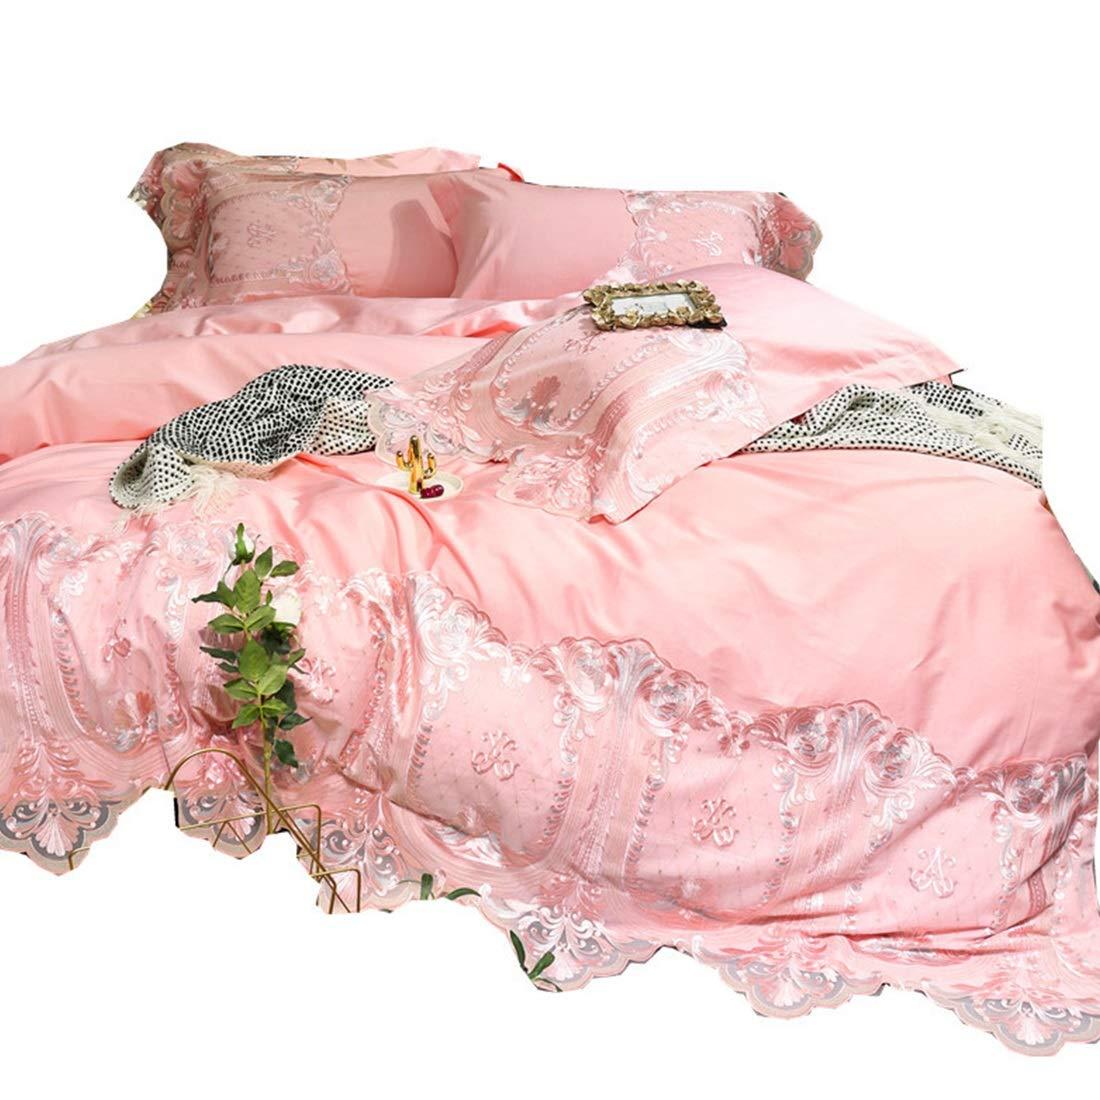 Kainuoo ピンクのレースのハイエンドソフトスーツピュアコットンサテンロングベルベットコットン寝具セット4枚 (Size : QUEEN) B07N6R8YPC  Queen